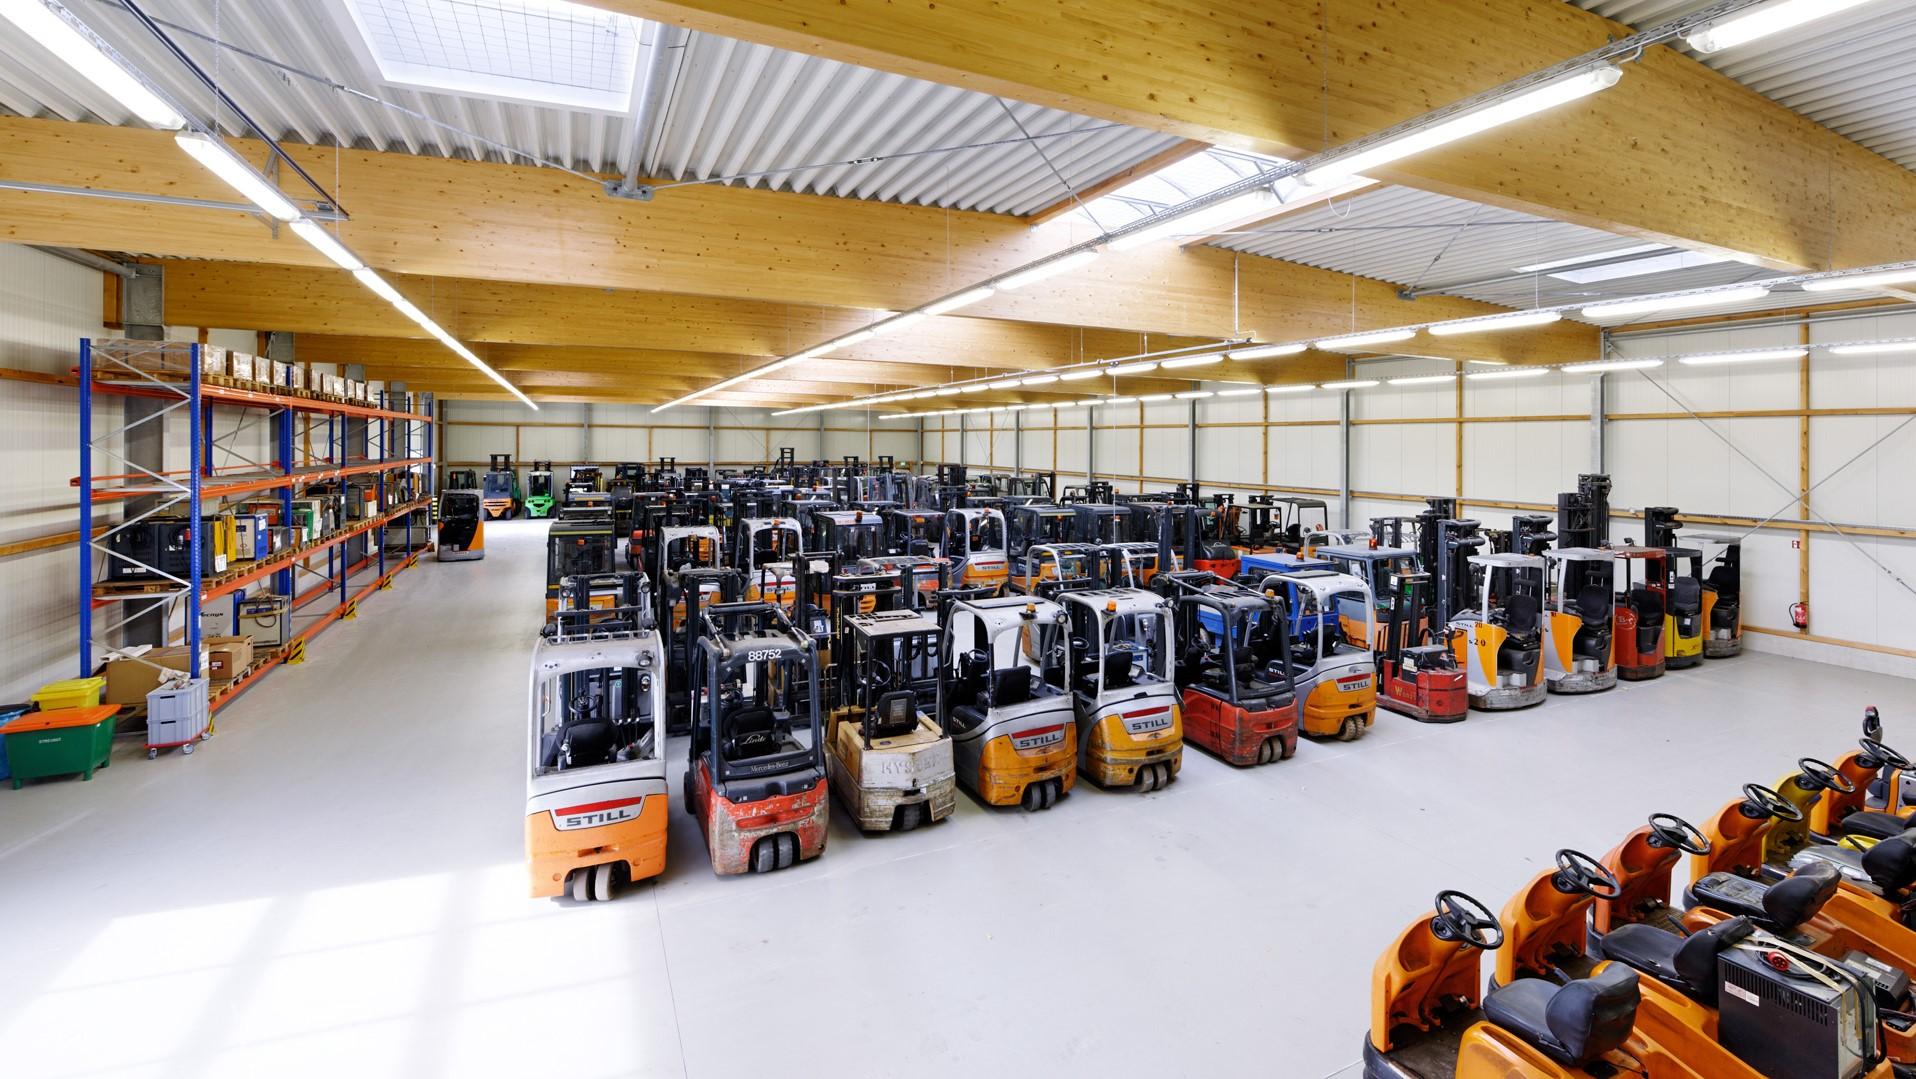 Lagerhalle2 Unilift - Case Study Unilift